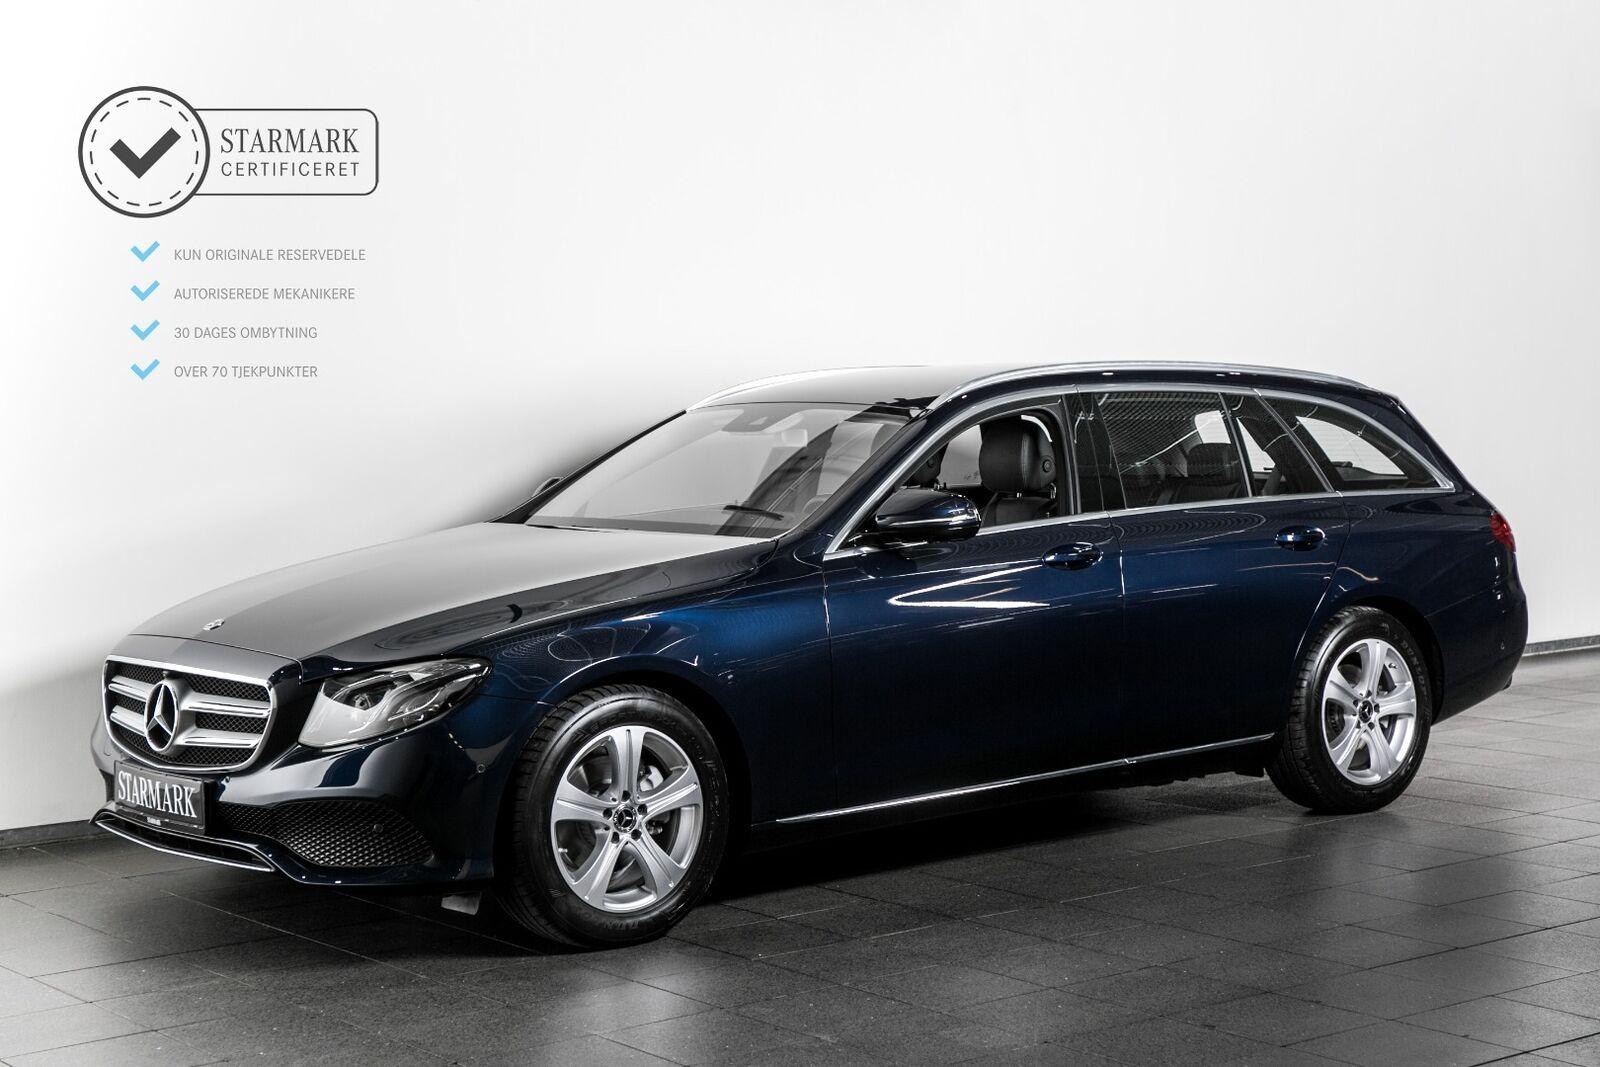 Mercedes E200 2,0 Avantgarde stc. aut. 5d - 529.900 kr.